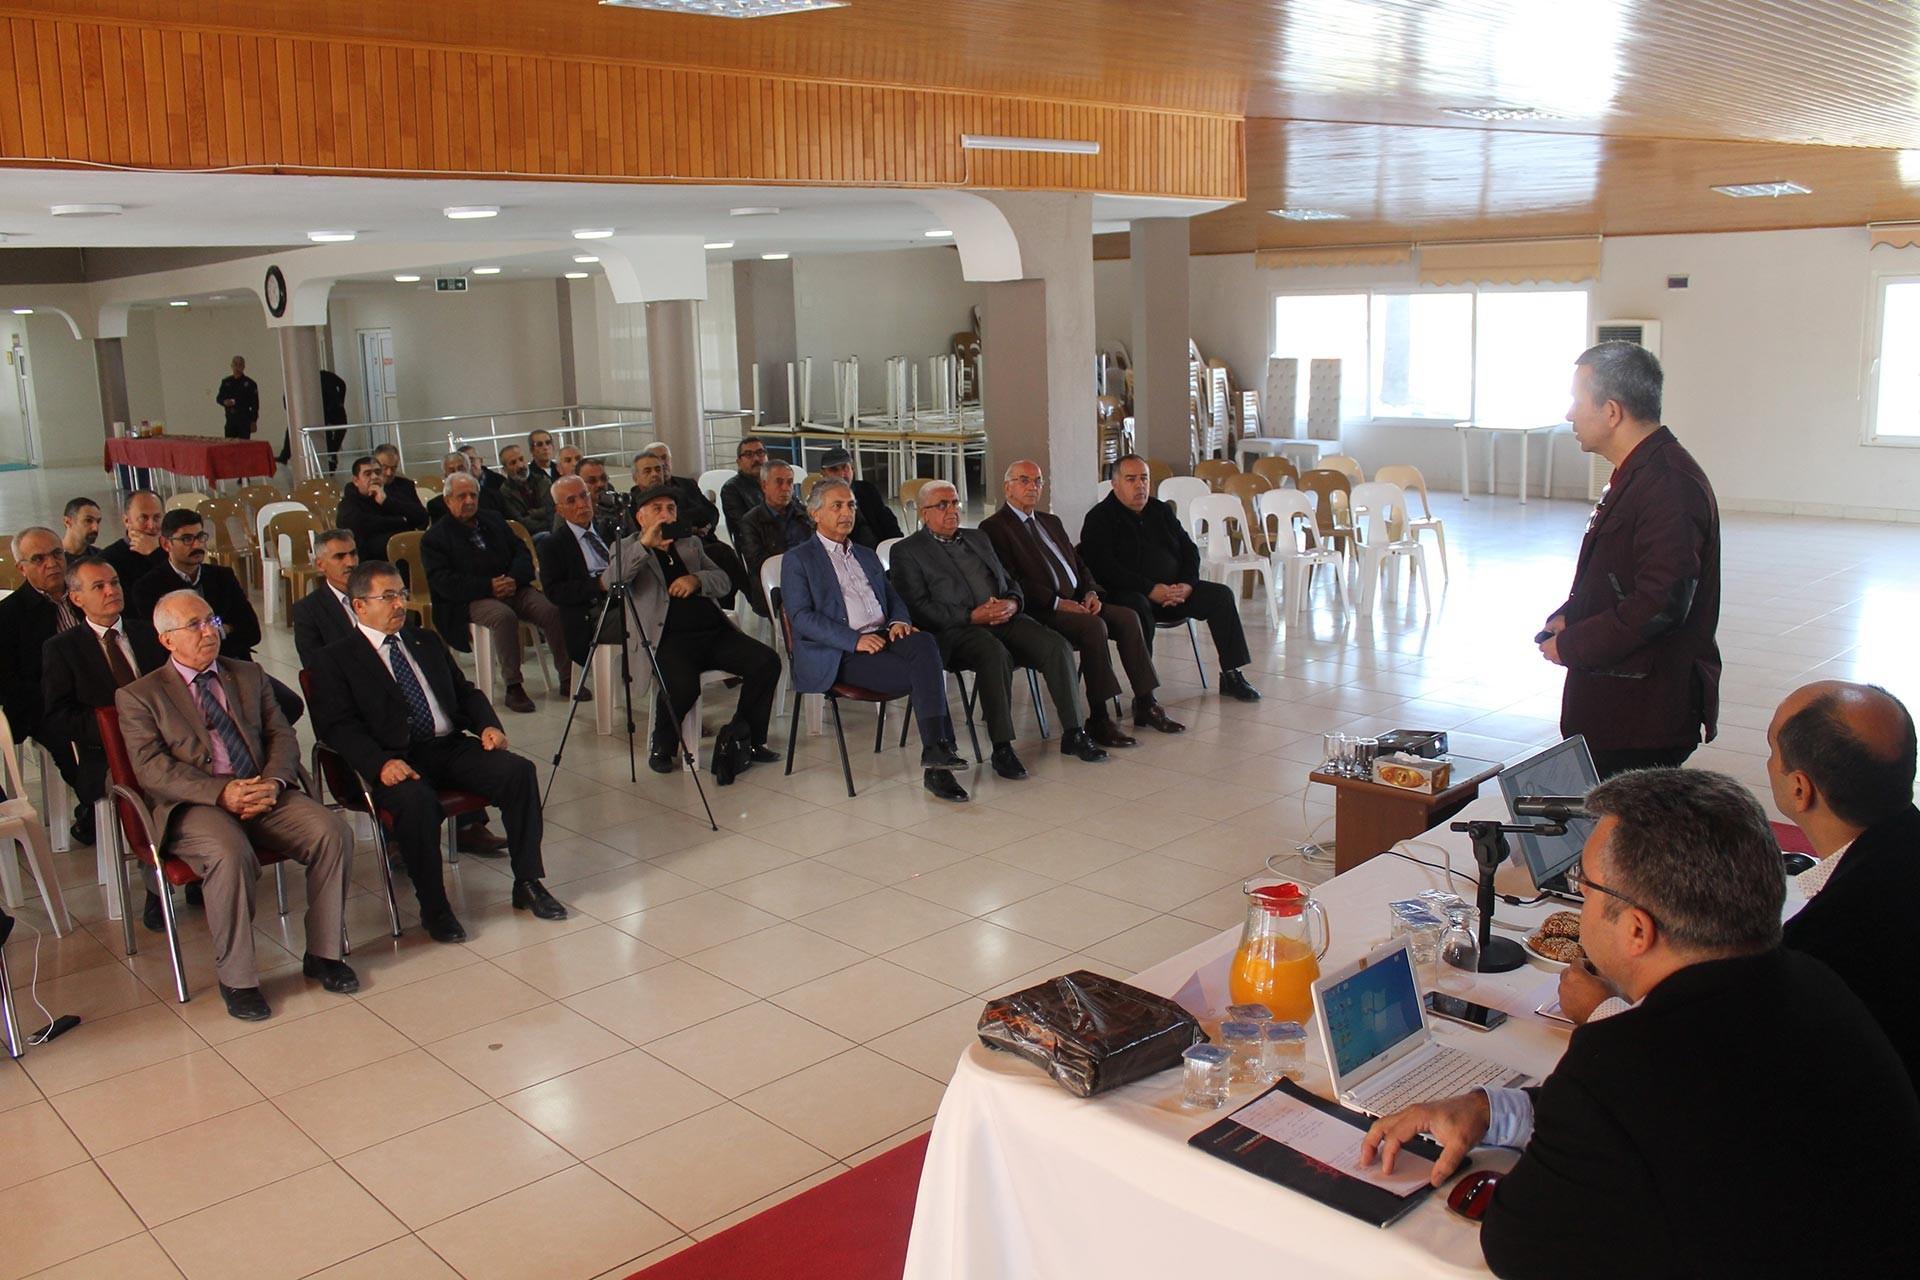 Hatay'ın Erzin ilçesinde üreticiler ve ilçedeki oda ve kooperatifler Erzin'de tarımın sorunlarını konuşmak için bir araya geldi